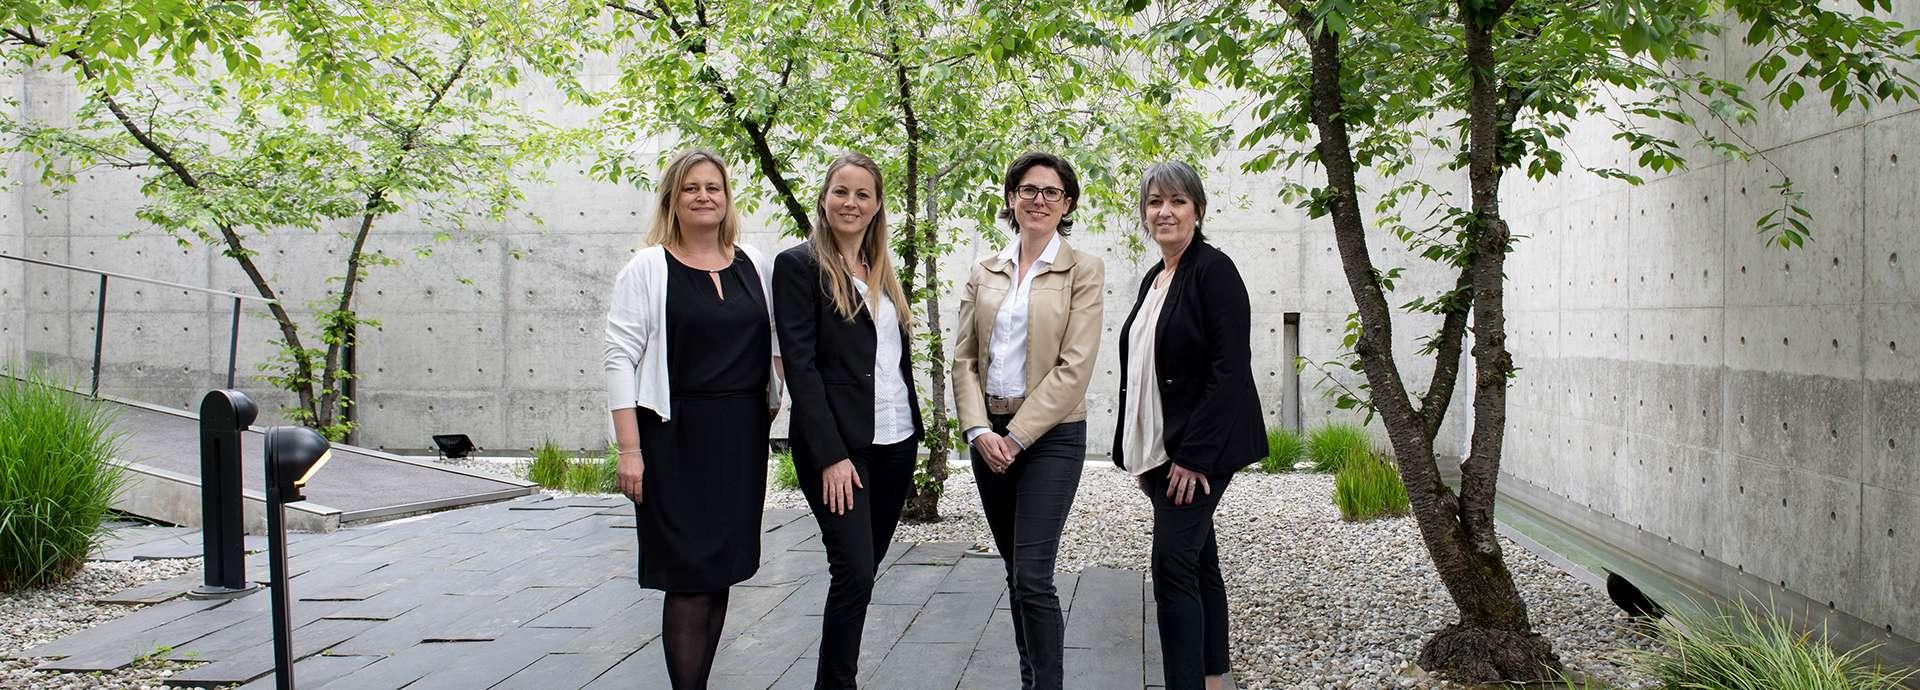 portrait du service Assistance Juridique Genève - Moser Vernet et Cie SA